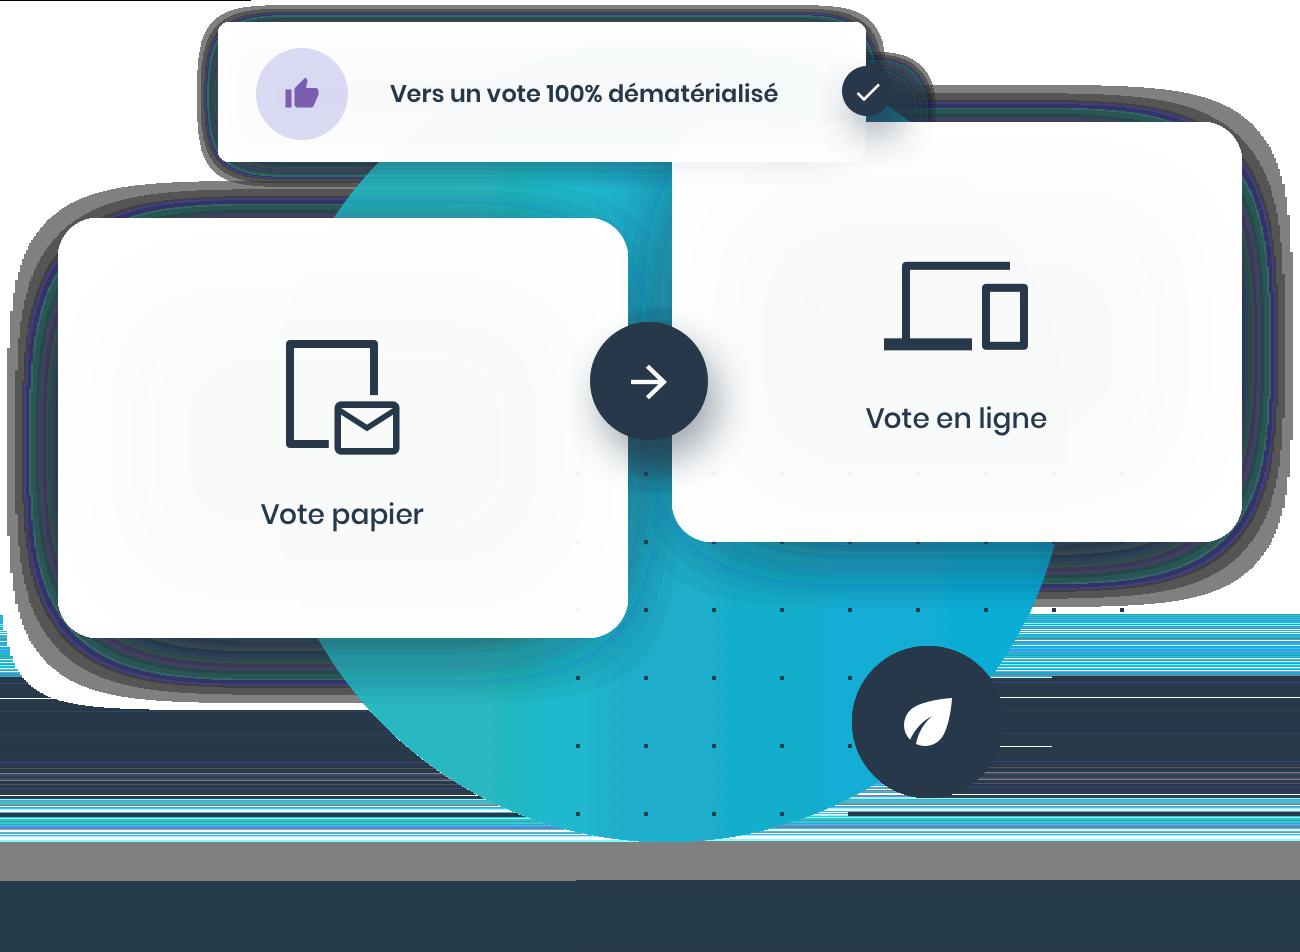 Transition du vote papier vers le vote en ligne